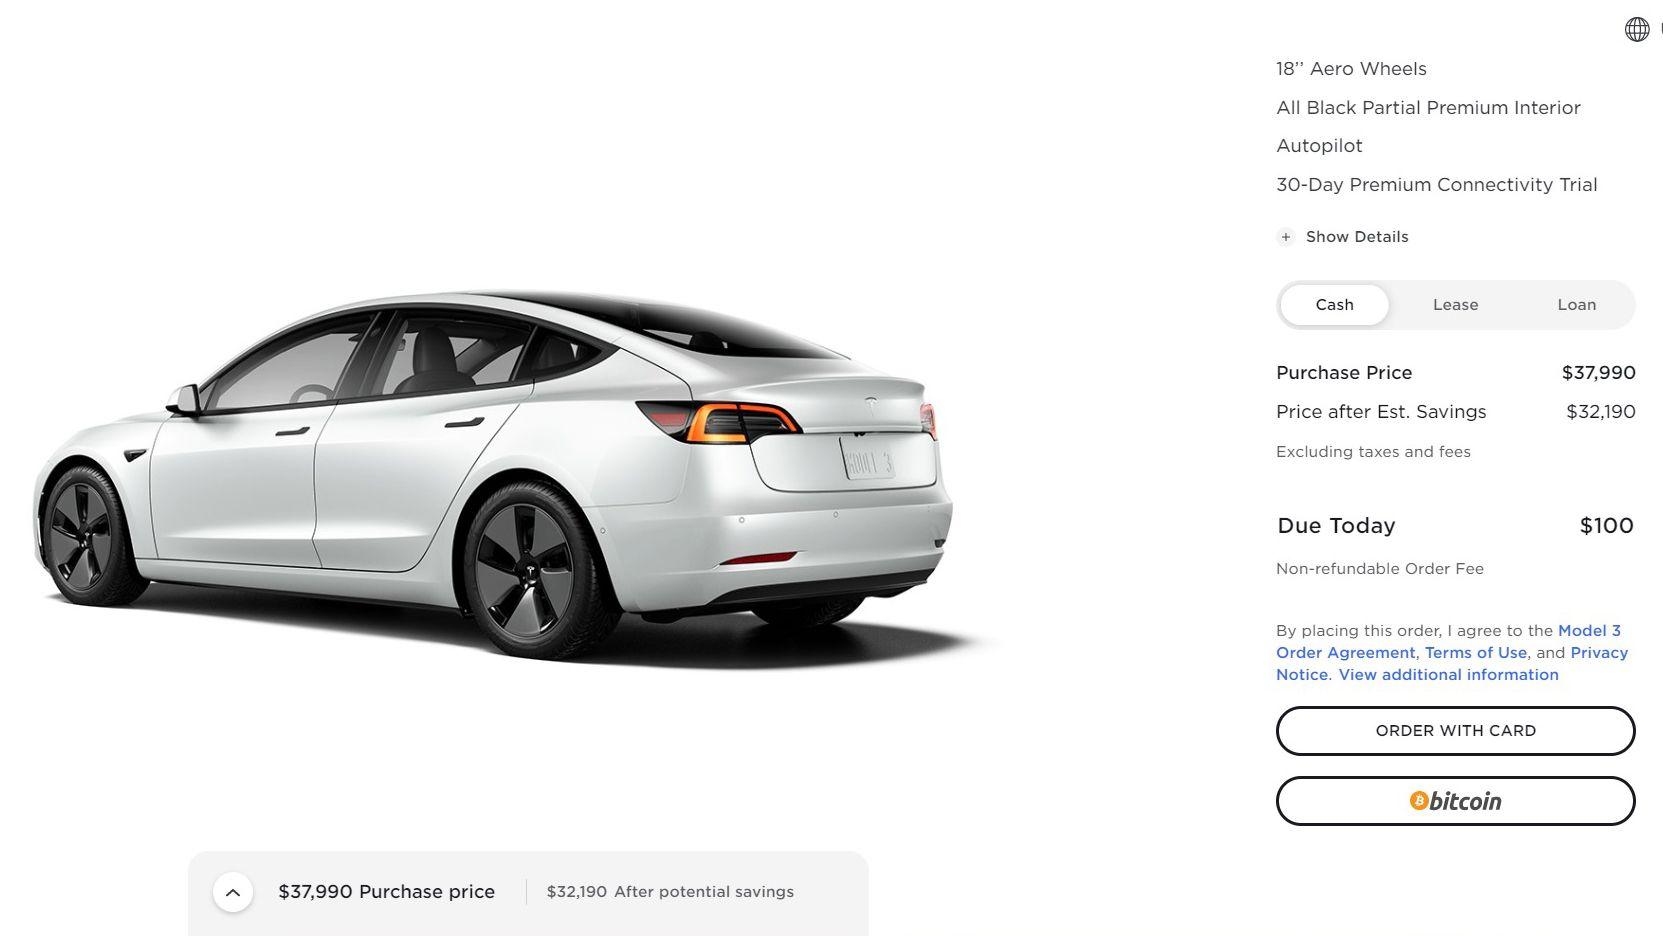 Il Bitcoin risale: Musk ha lasciato uno spiraglio per l'acquisto di auto Tesla - festivaldelcinemaindipendente.it